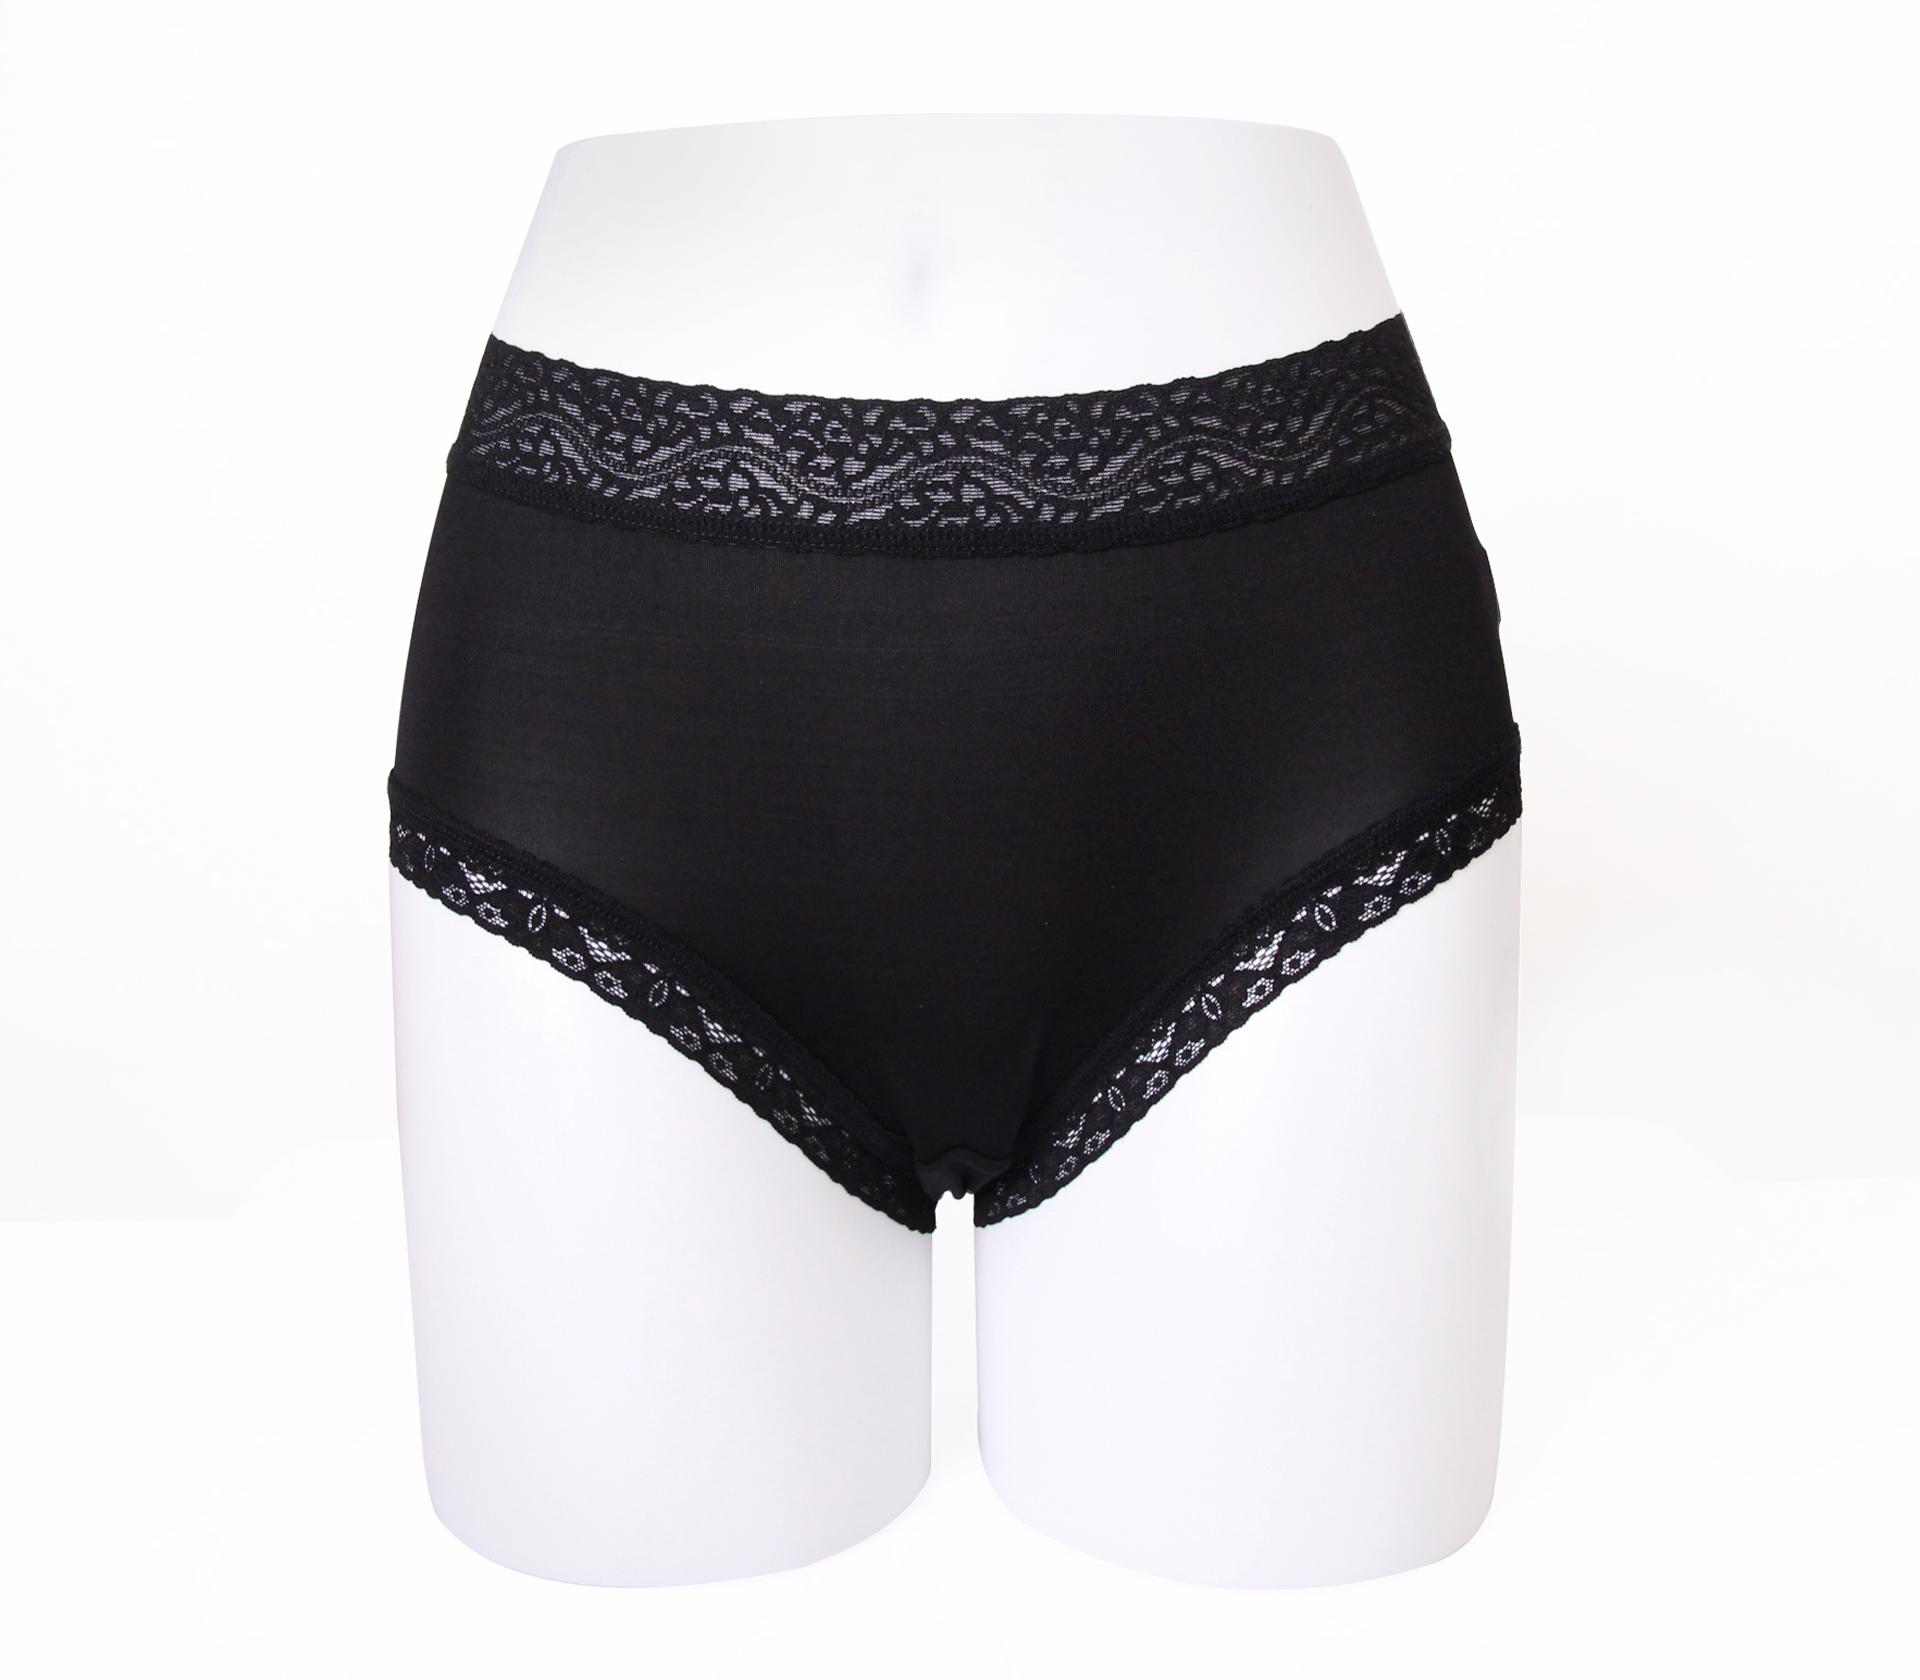 闕蘭絹舒適親膚100%蠶絲內褲-88905(黑)